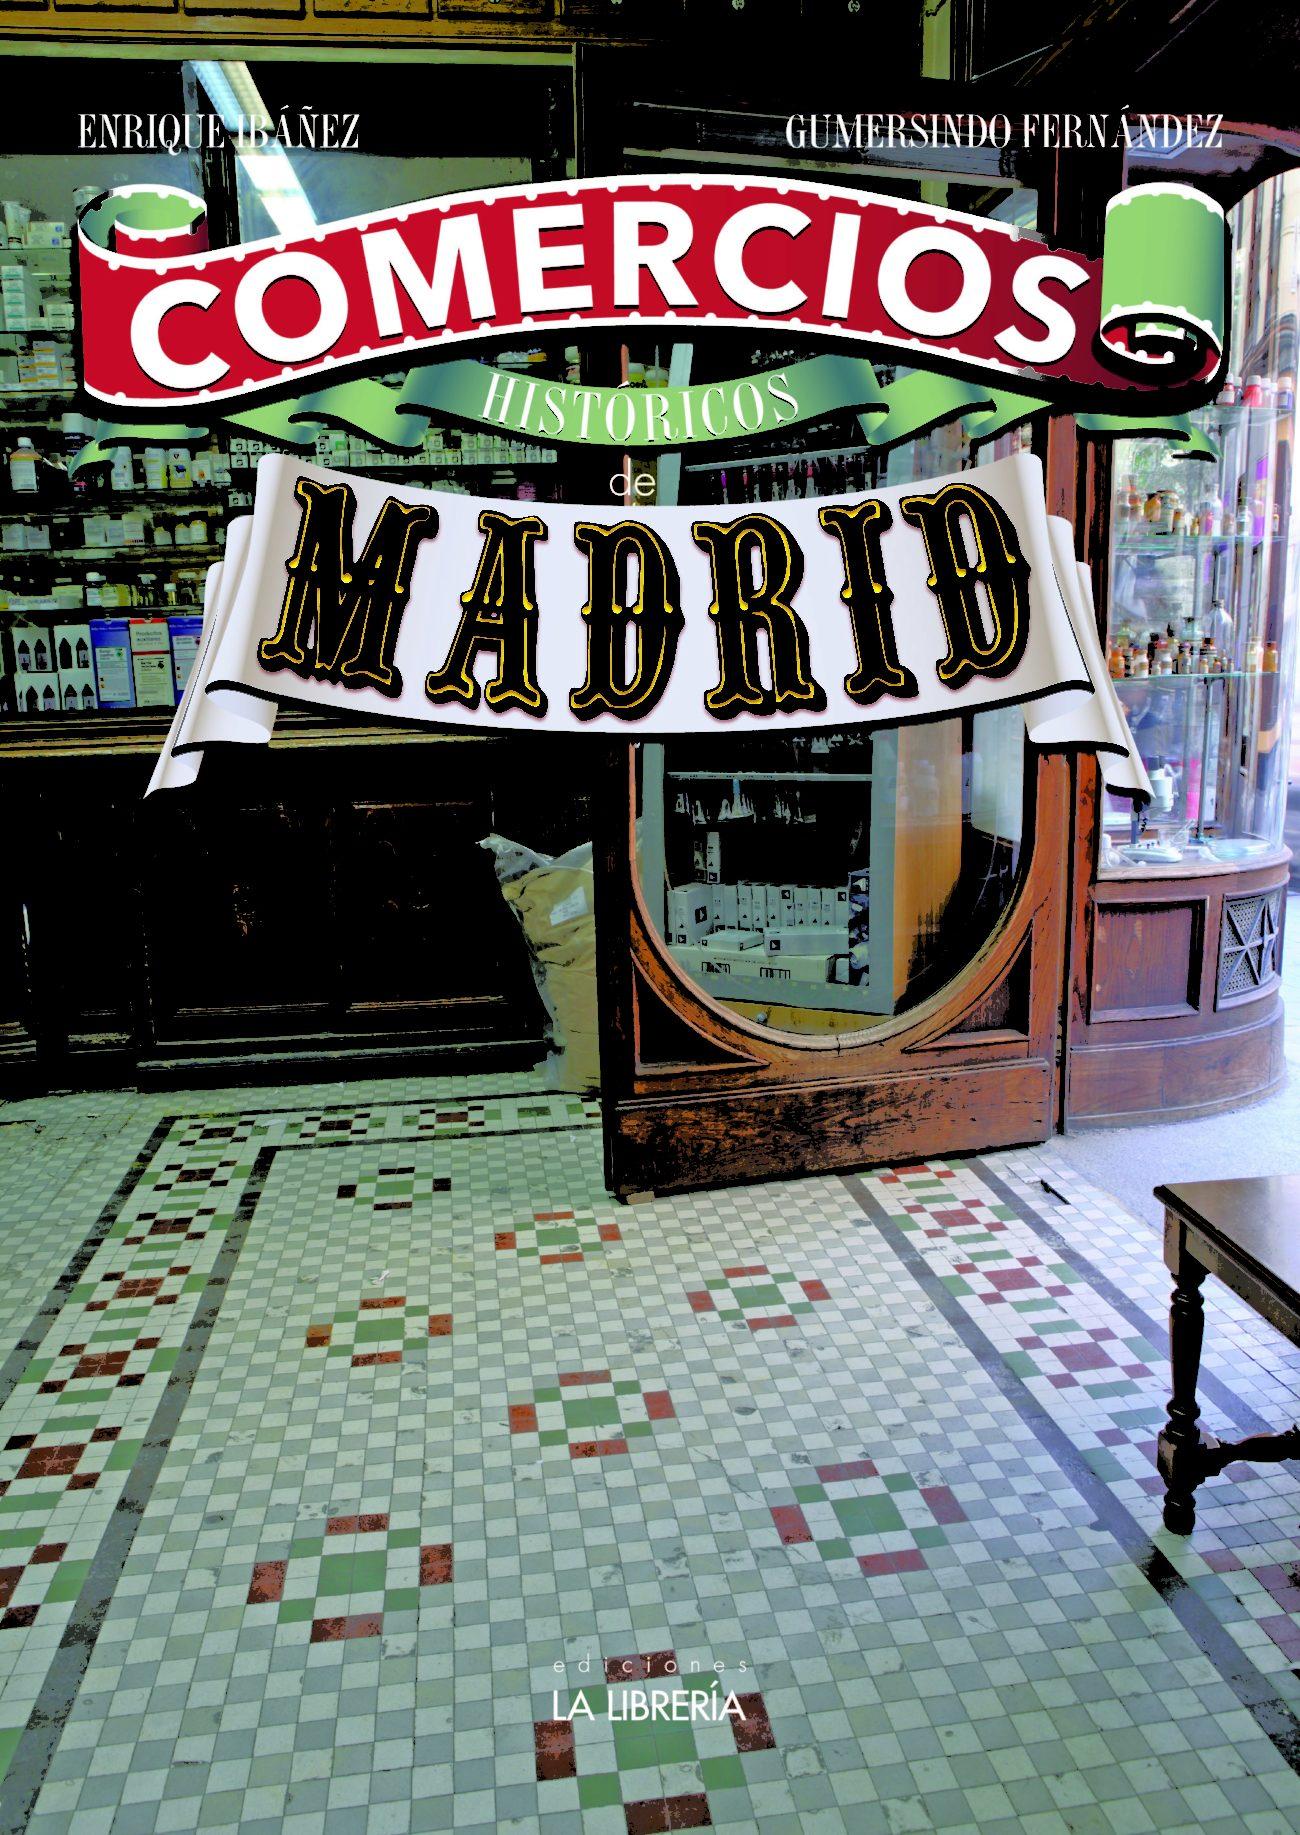 Portada del libro Comercios históricos de Madrid, escrito por...